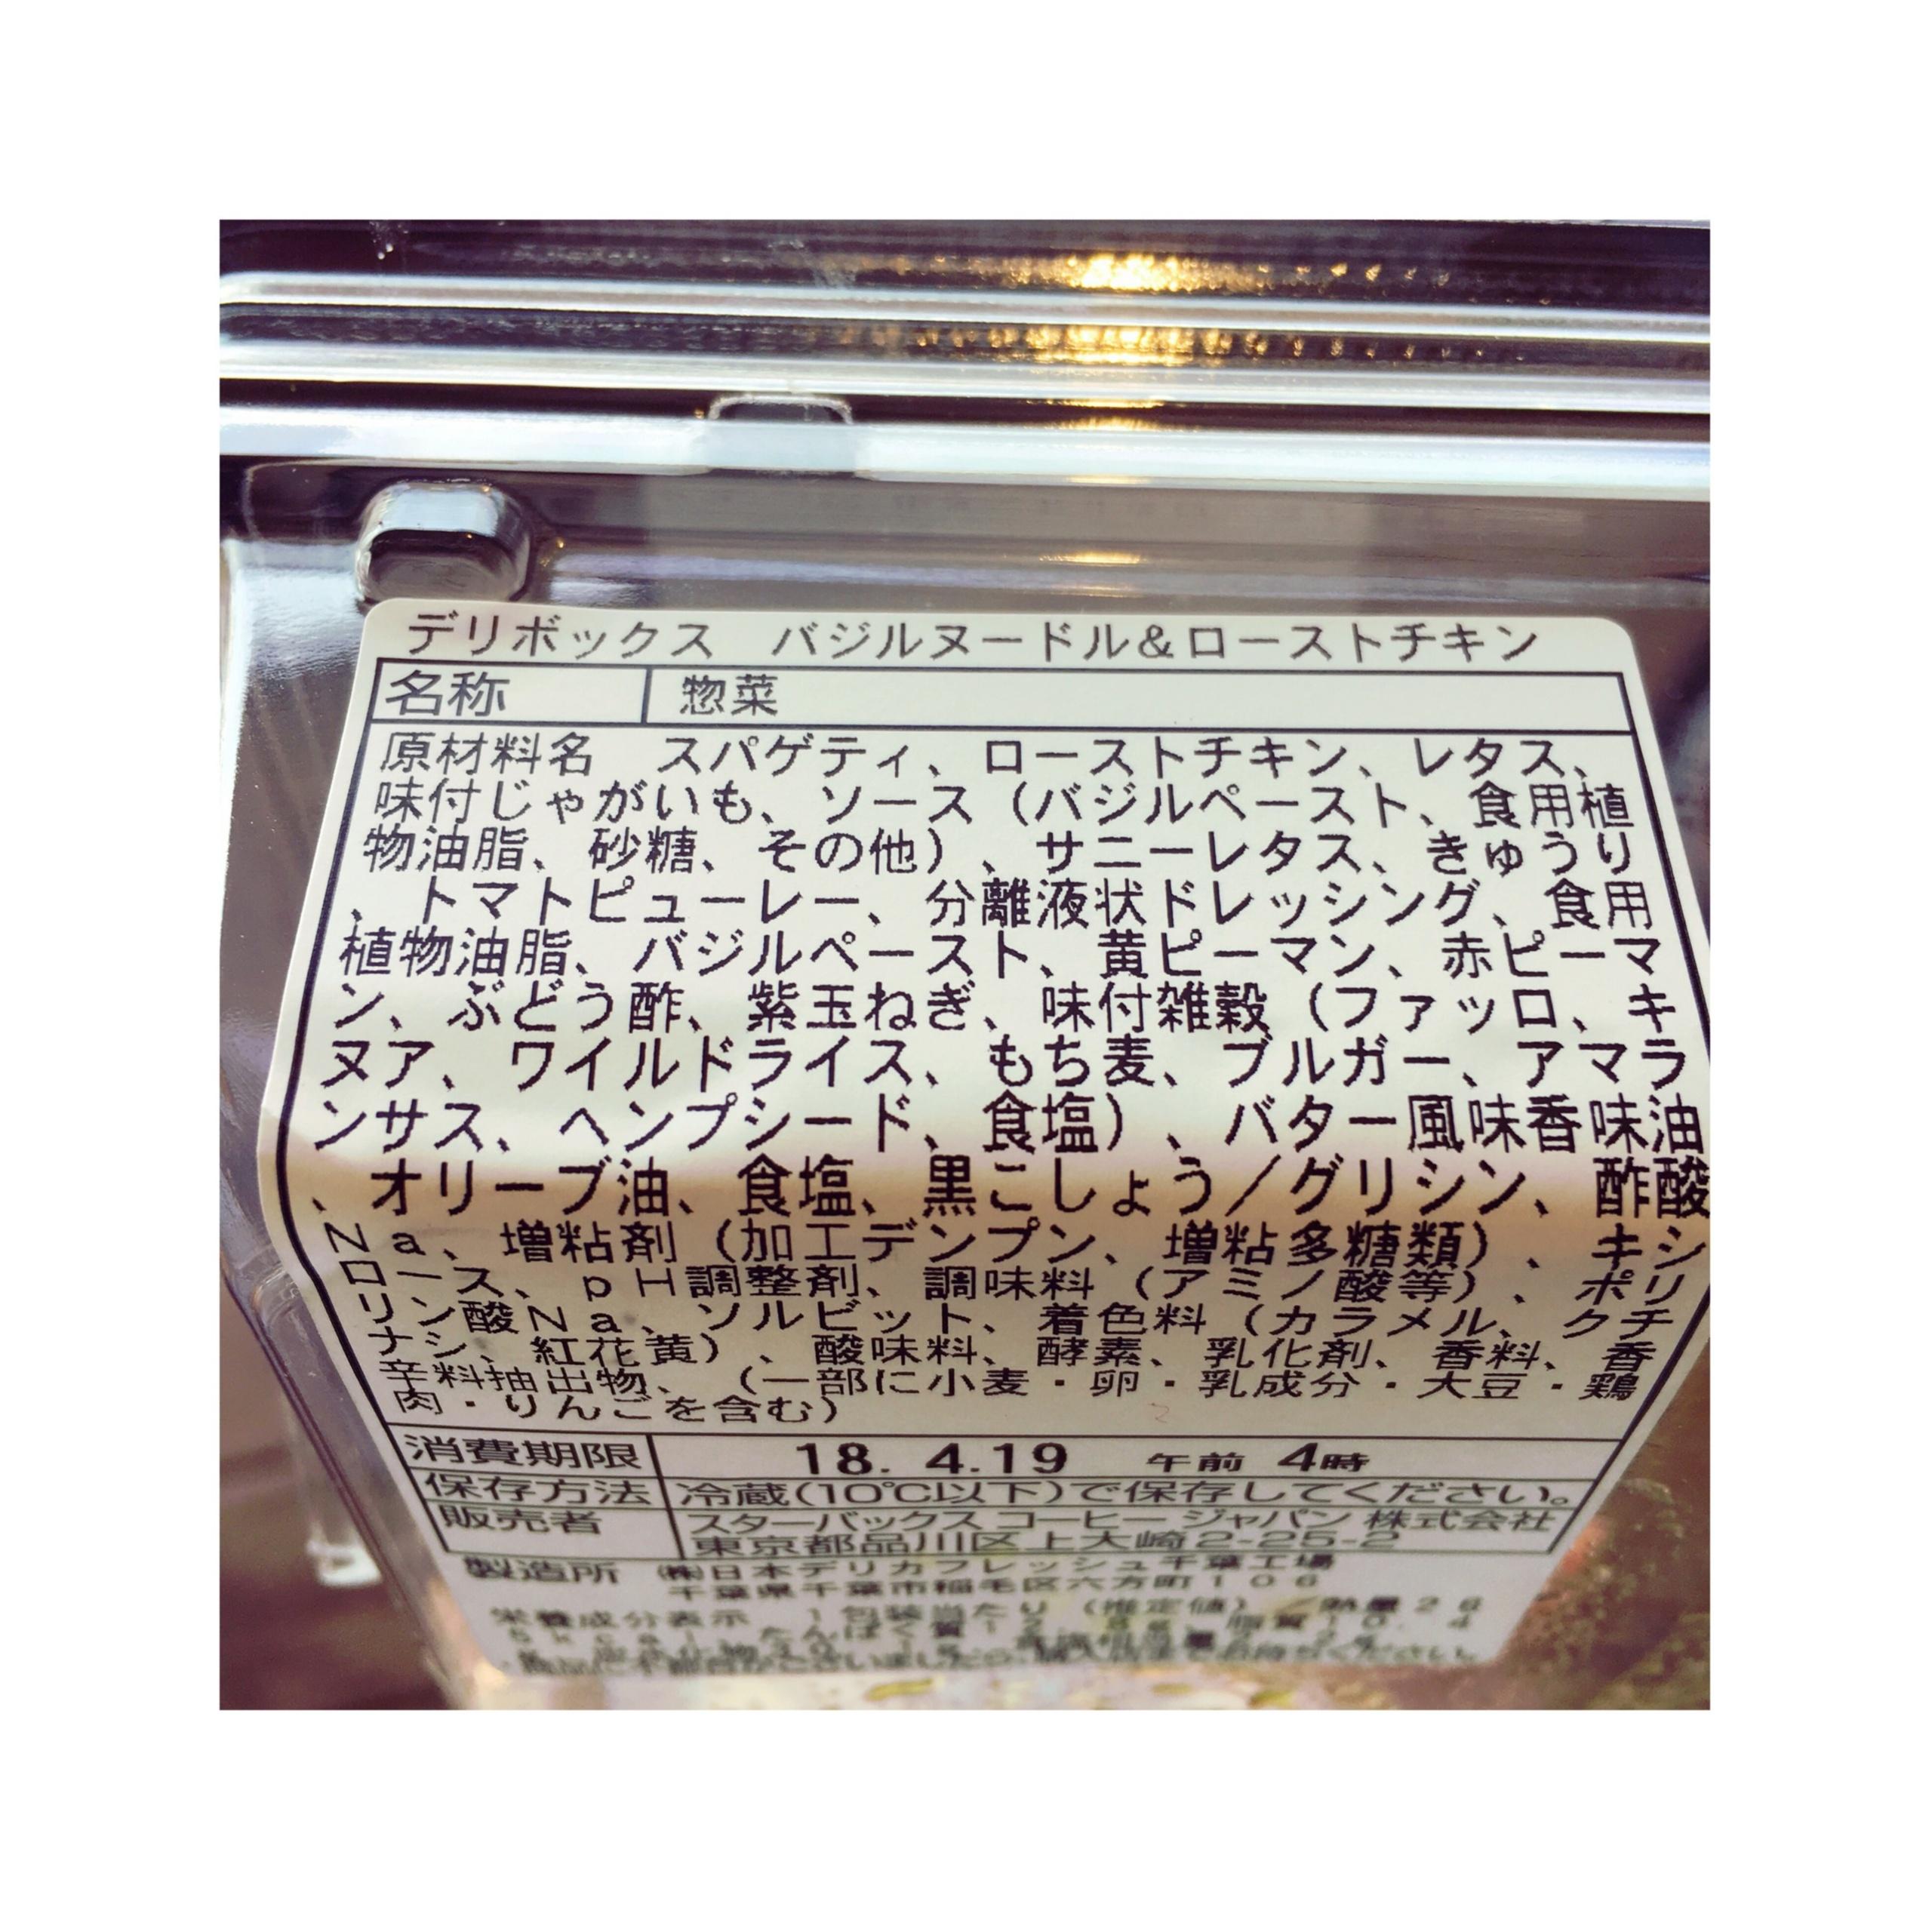 4/18発売開始!【スタバ】の新しいランチの選択肢、初の《デリボックス》2種が登場❤️_4